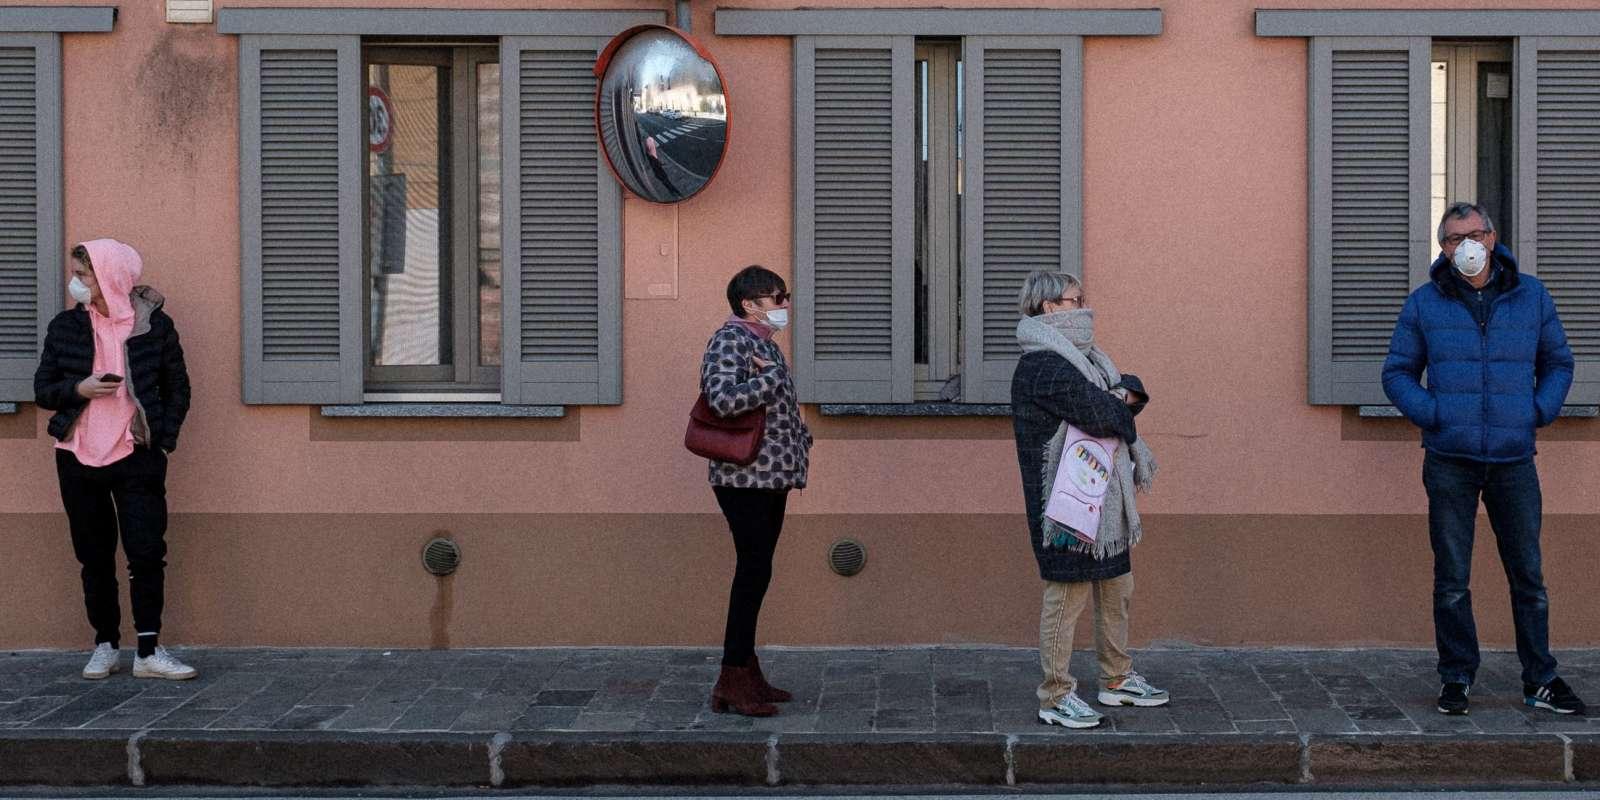 https www lemonde fr sante live 2020 02 25 coronavirus le bilan atteint 10 morts en italie deux nouveaux cas recenses en france 6030819 1651302 html